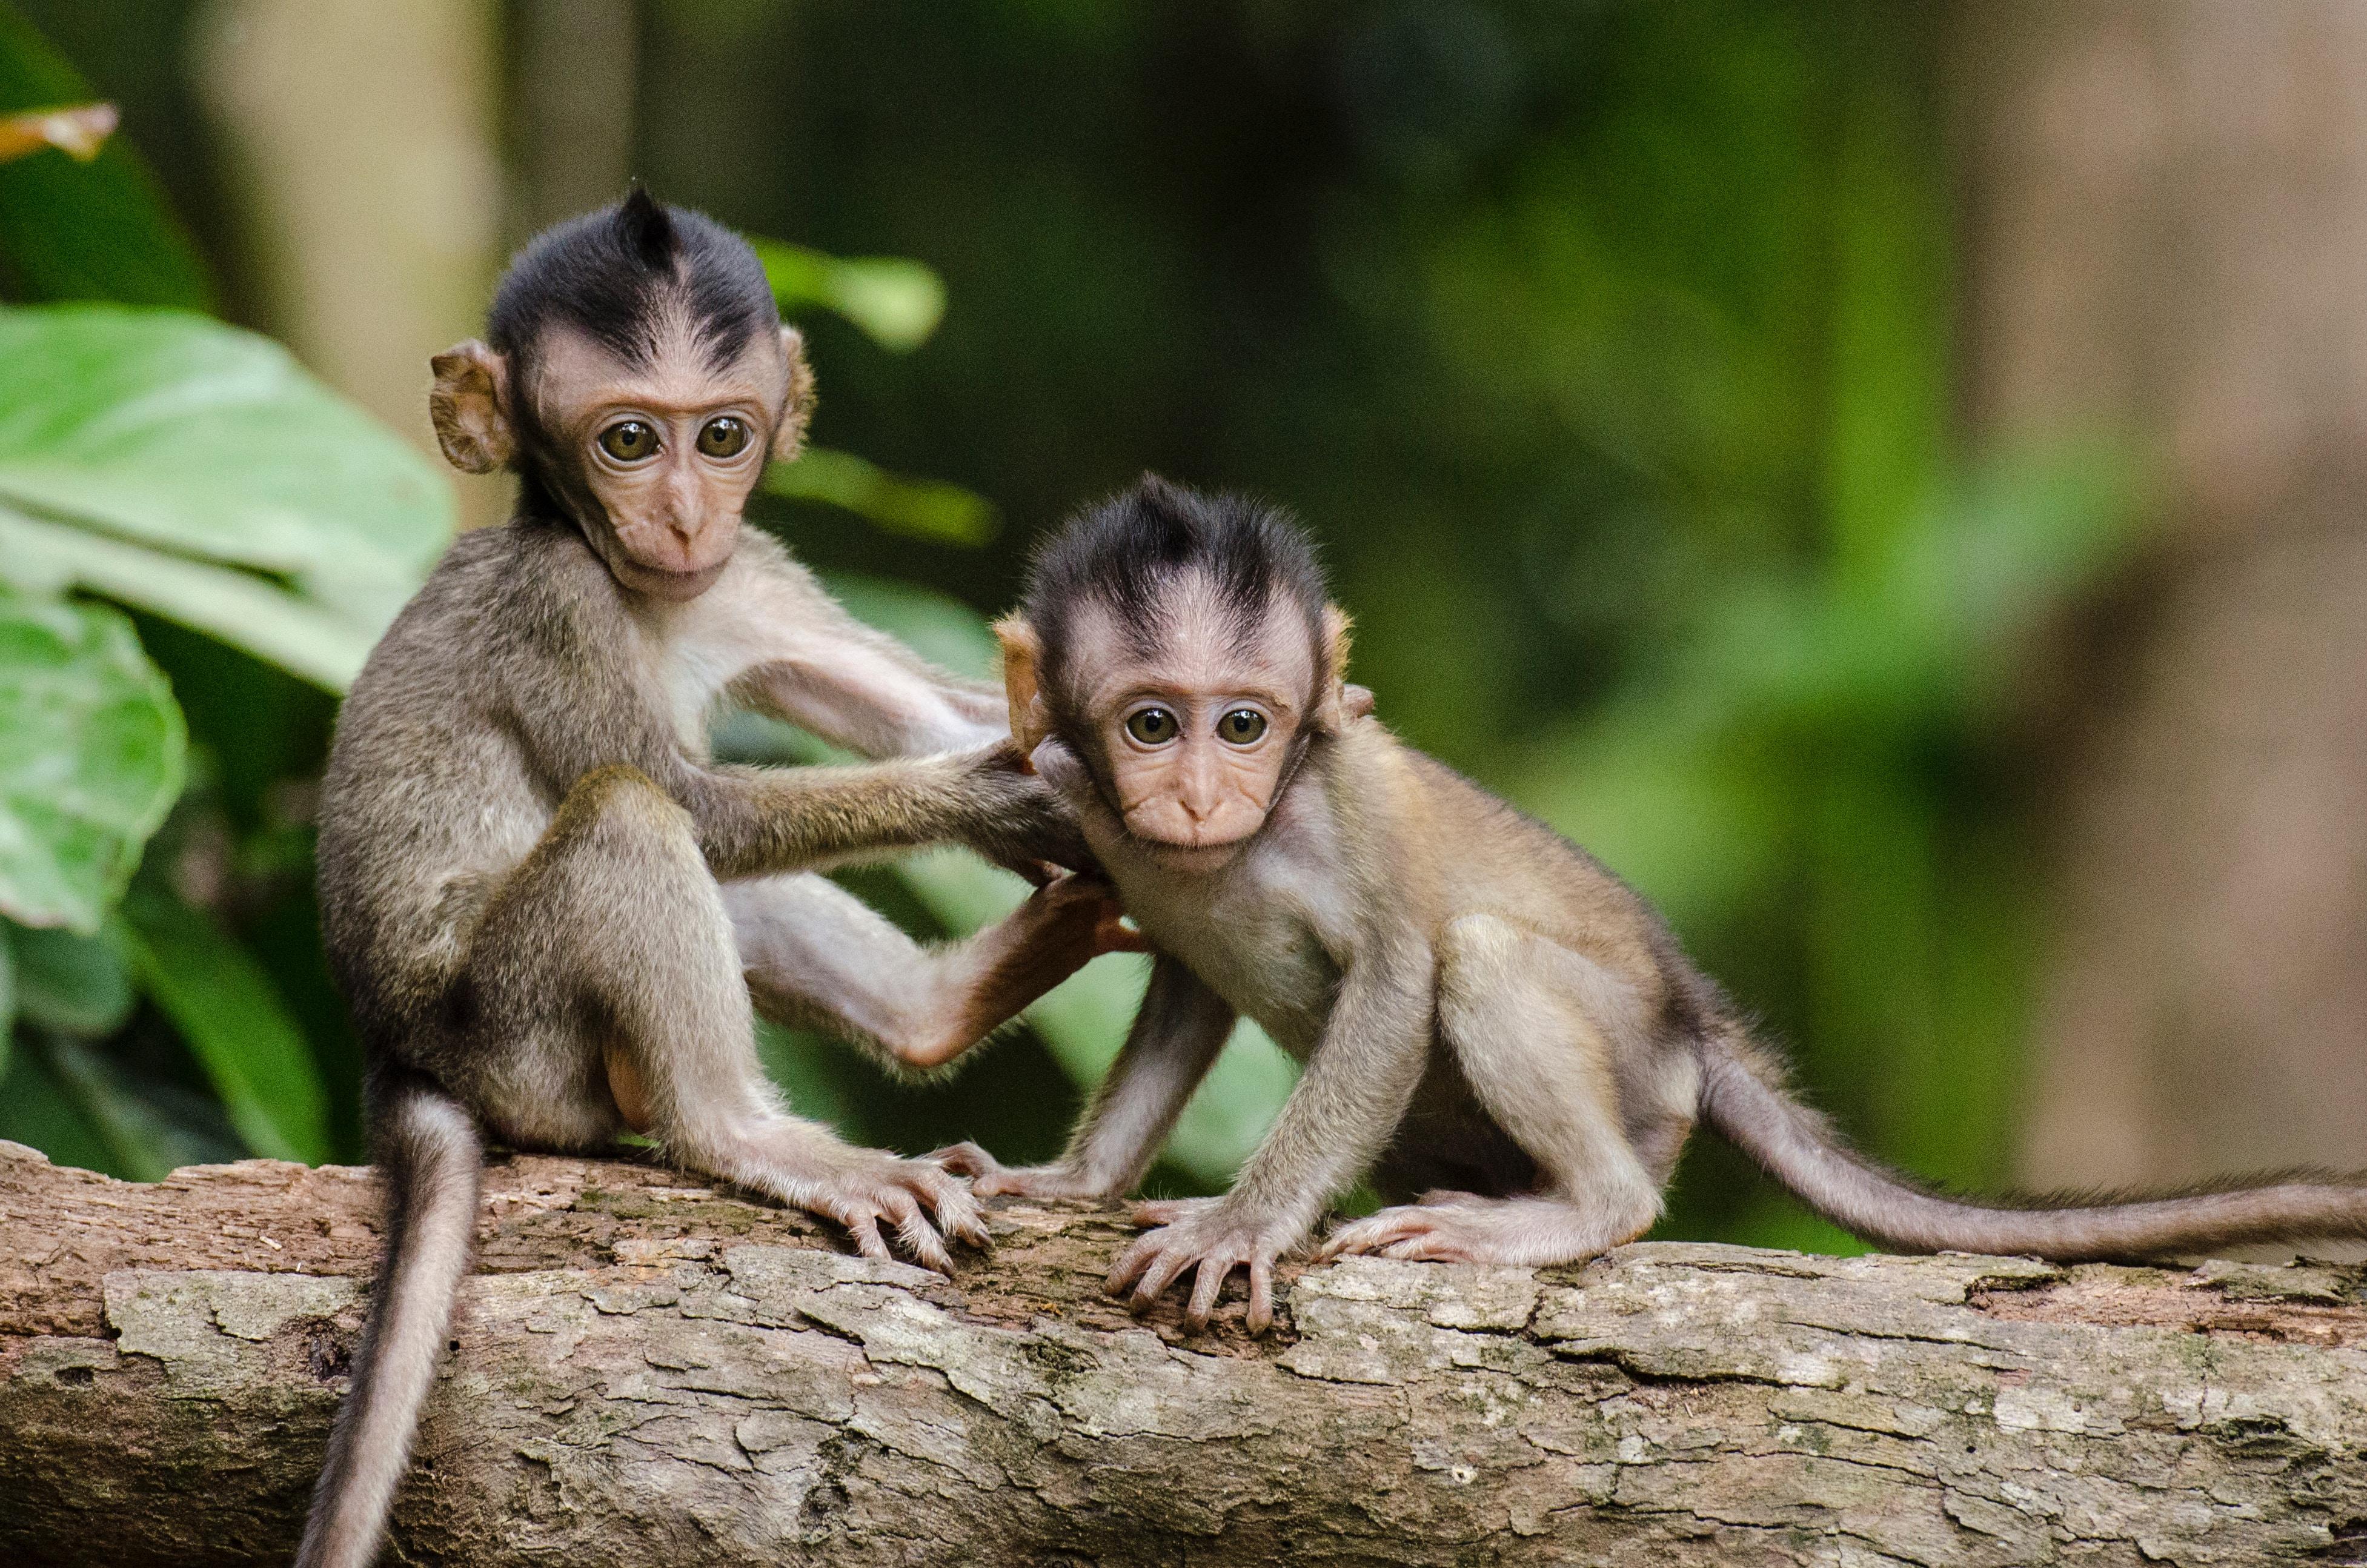 夢占いで猿が意味するサインは?猿が夢に出てきた夢の意味を解説